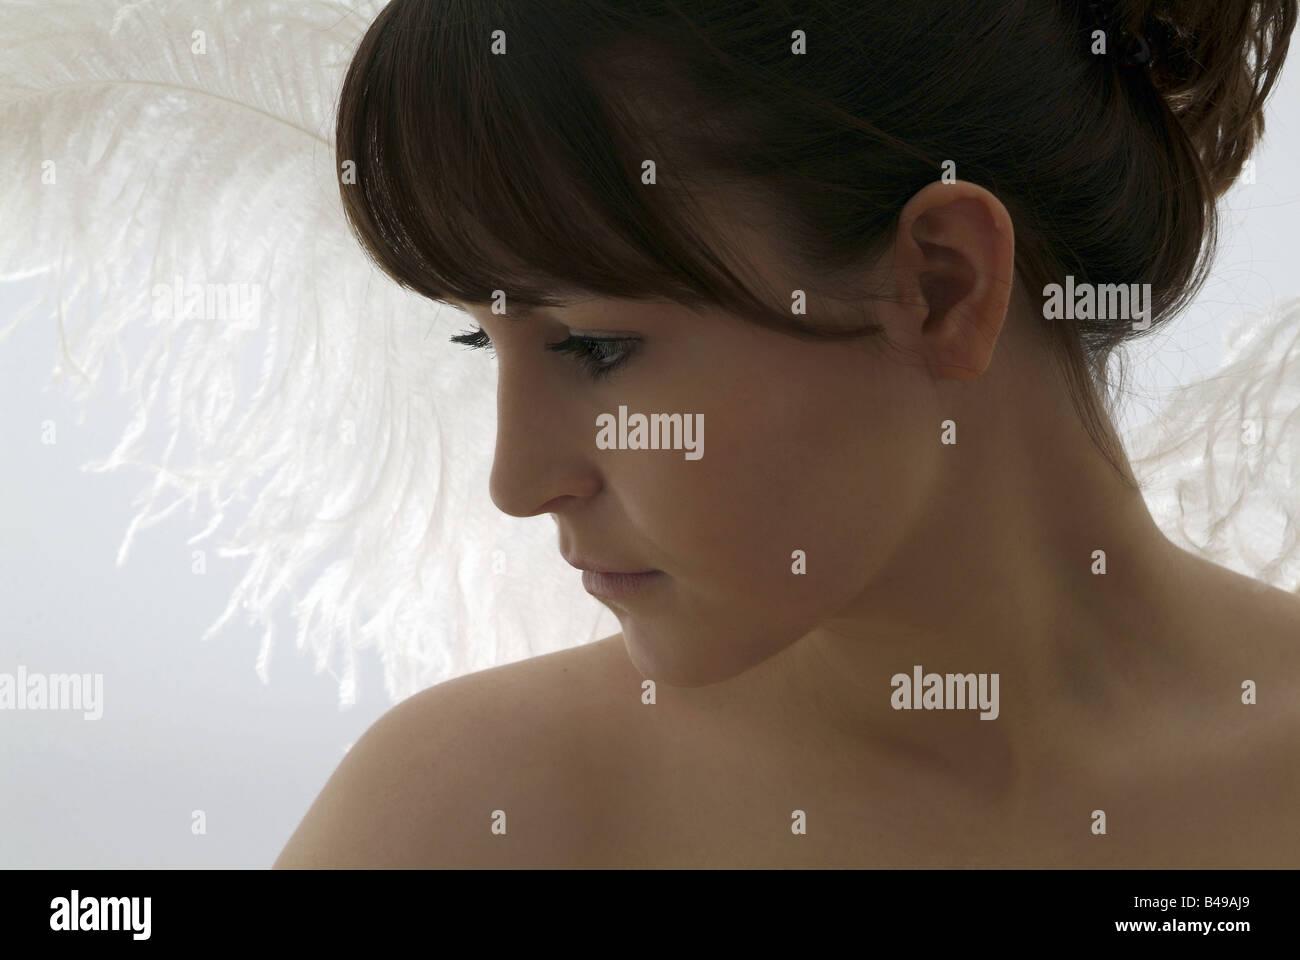 Giovane donna con angeli ali Immagini Stock